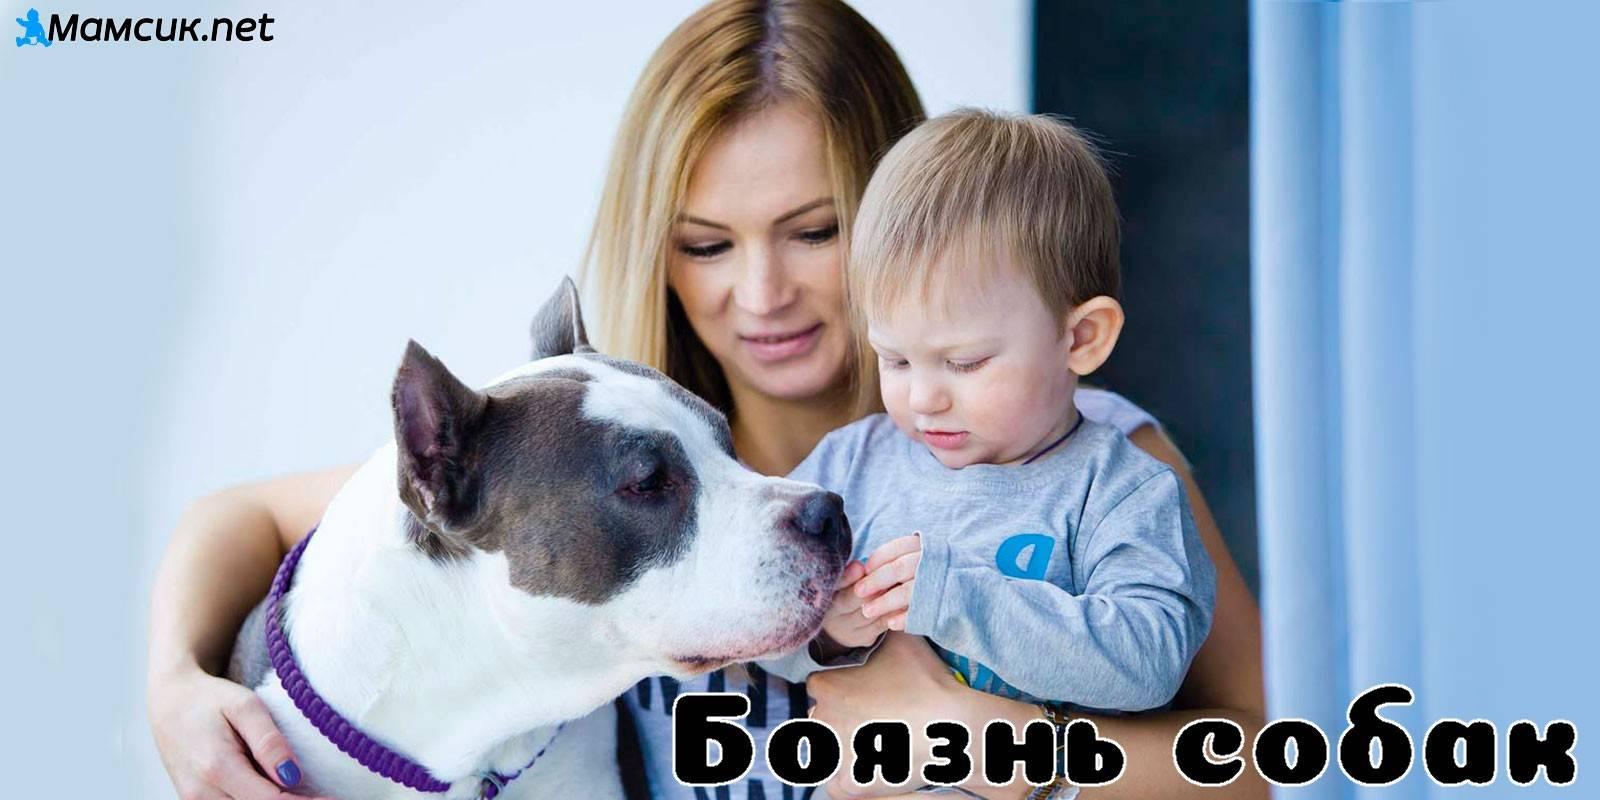 Собака кидается на других собак, что делать?